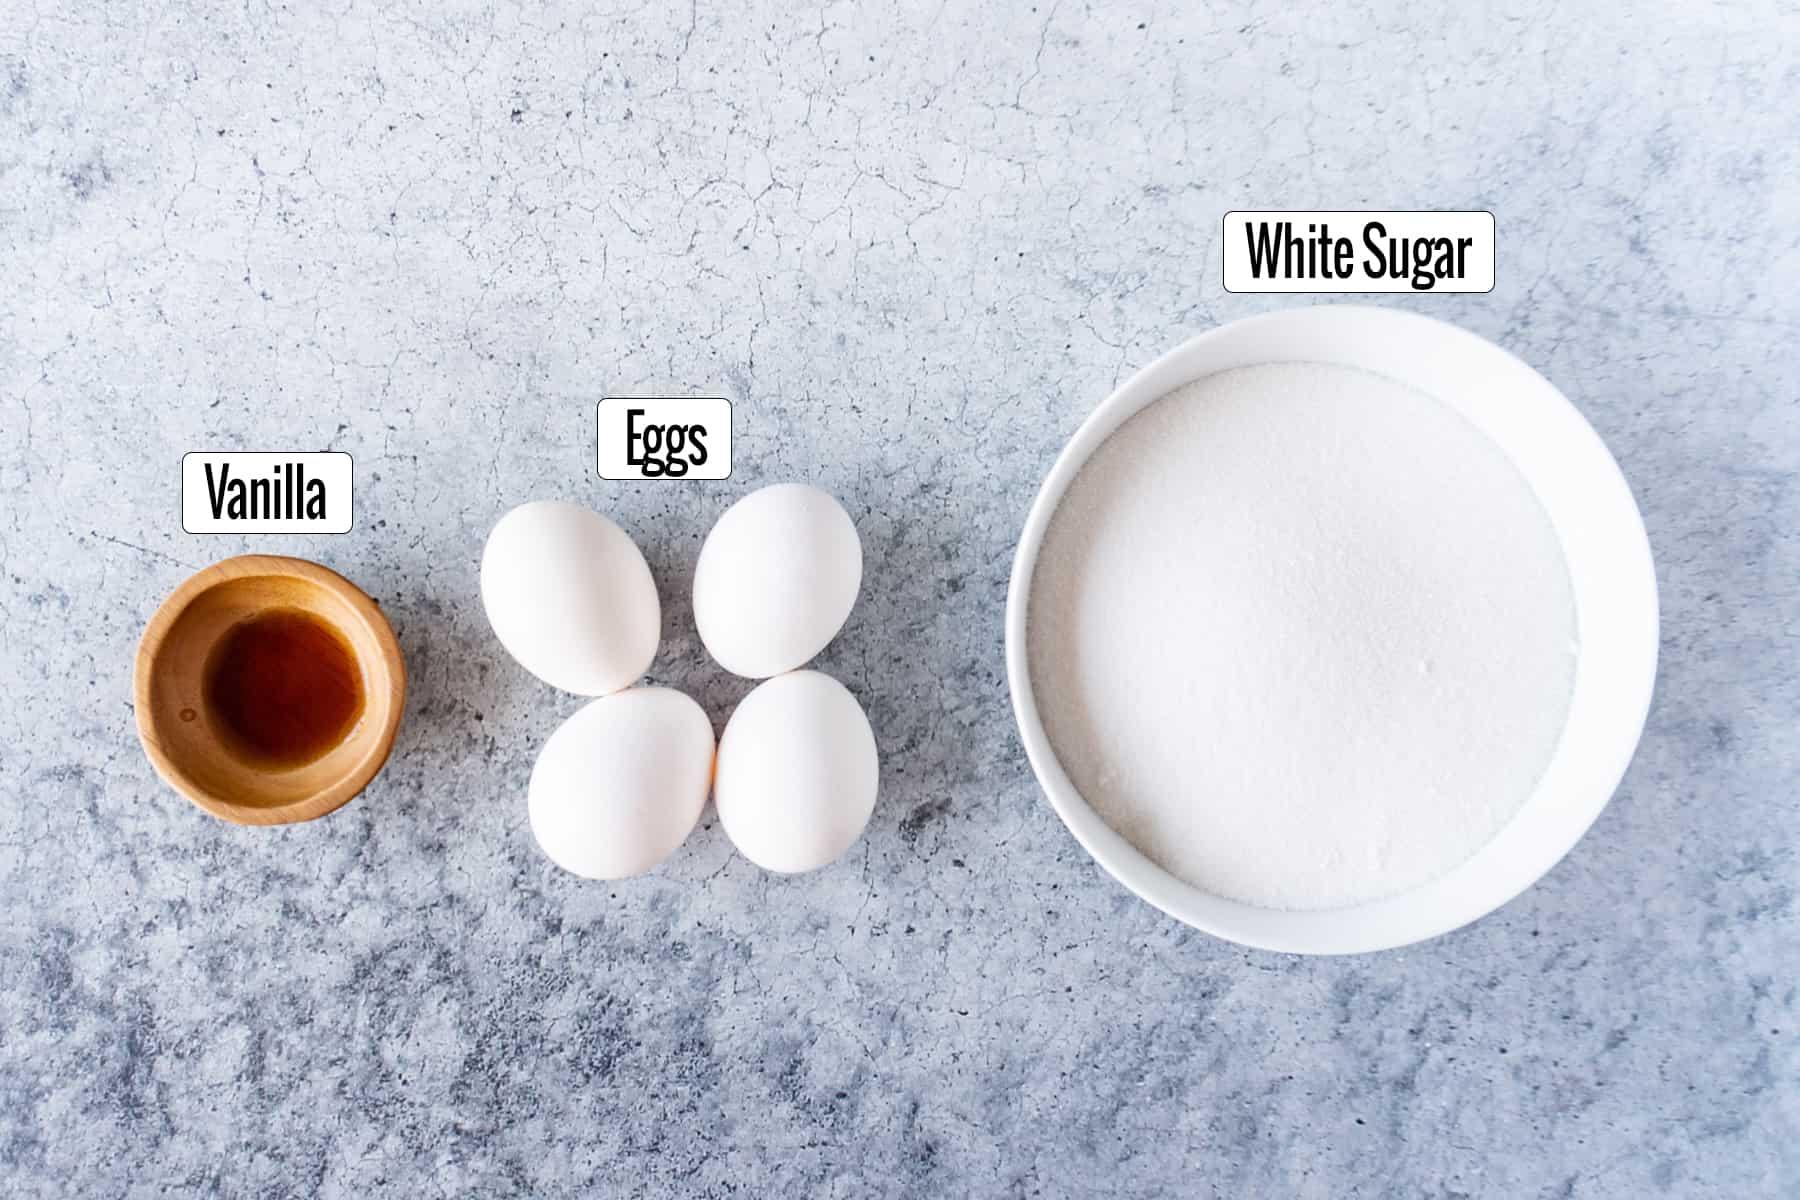 Best Homemade Brownies Recipe Ingredients: vanilla, eggs, white sugar